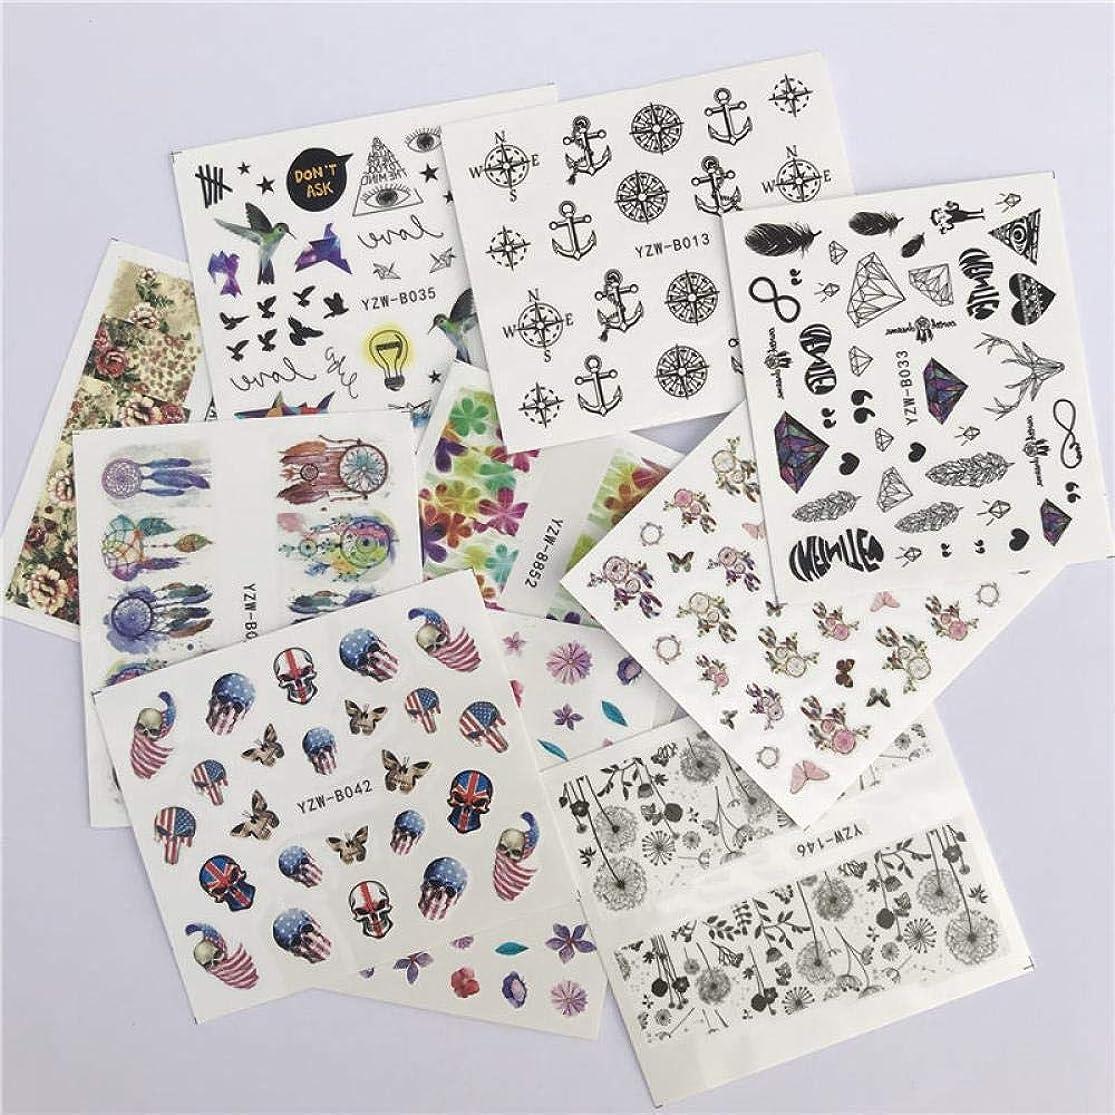 満員専門先行するSUKTI&XIAO ネイルステッカー 10個の混合デカールネイルアートフラワーパターン水転写ステッカーセットカラフルなダイヤモンドネイルデカールの装飾、10種類のスタイル